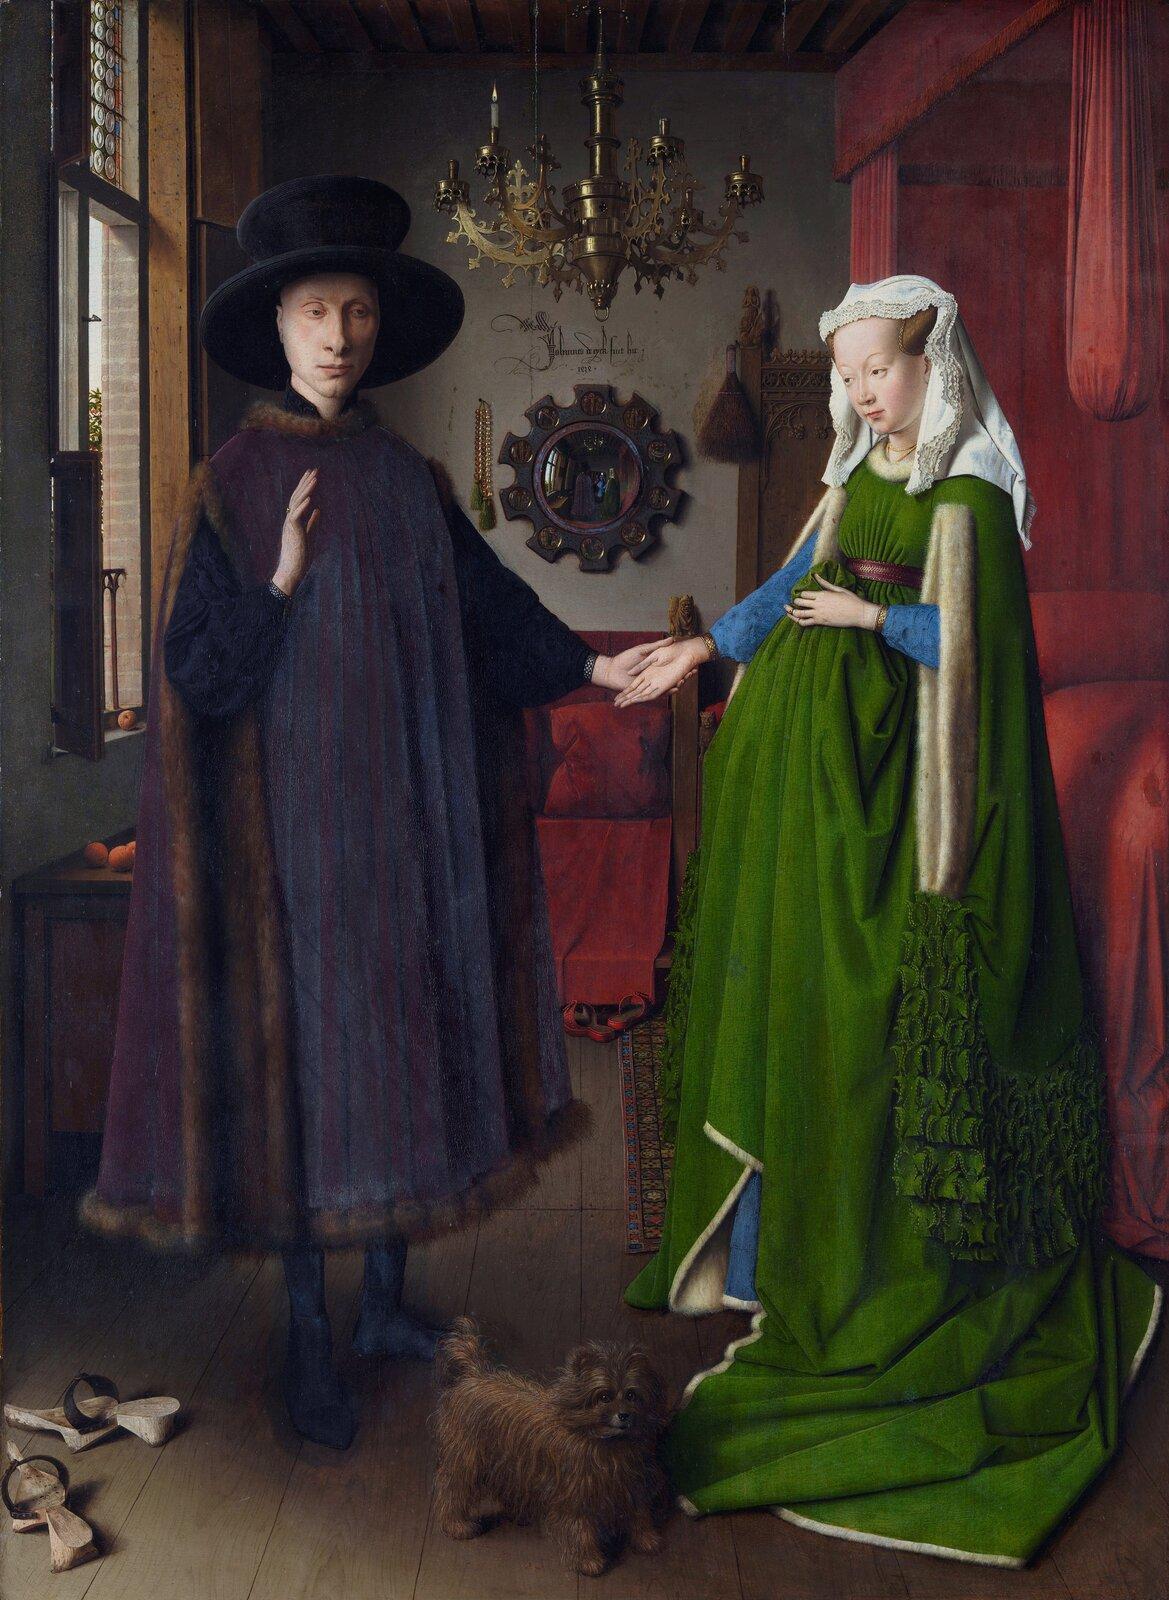 """Ilustracja przedstawia obraz olejny """"Portret małżonków Arnolfinich"""" autorstwa Jana van Eycka. Dzieło ukazuje ceremonię przysięgi małżeńskiej. We wnętrzu pokoju stoi młoda para. Mężczyzna, stojący po lewej stronie ubrany jest wdługi, ciemny płaszcz podszyty brązowym futrem. Na głowie ma duży kapelusz. Prawą rękę unosi do góry, natomiast wlewej trzyma dłoń stojącej obok kobiety. Narzeczona ubrana jest wdługą, zieloną, drobno pofałdowaną suknię zniebieskimi rękawami. Jej głowę okrywa wykończona koronką, biała chusta. Złagodnością spogląda na poważną twarz mężczyzny składającego przysięgę. Wtle znajduje się wnętrze oszarych ścianach idrewnianej podłodze. Zokna po lewej stronie wpada do pokoju światło. Po prawej ukazane jest duże, czerwone łoże zbaldachimem. Zsufitu zwisa ozdobny, wieloramienny żyrandol zbrązu. Na ścianie, pomiędzy małżonkami umieszczone zostało wypukłe lustro, wktórym odbija się młoda para wraz ze świadkami. Na dole obrazu artysta namalował małego kudłatego pieska oraz parę drewnianych chodaków."""